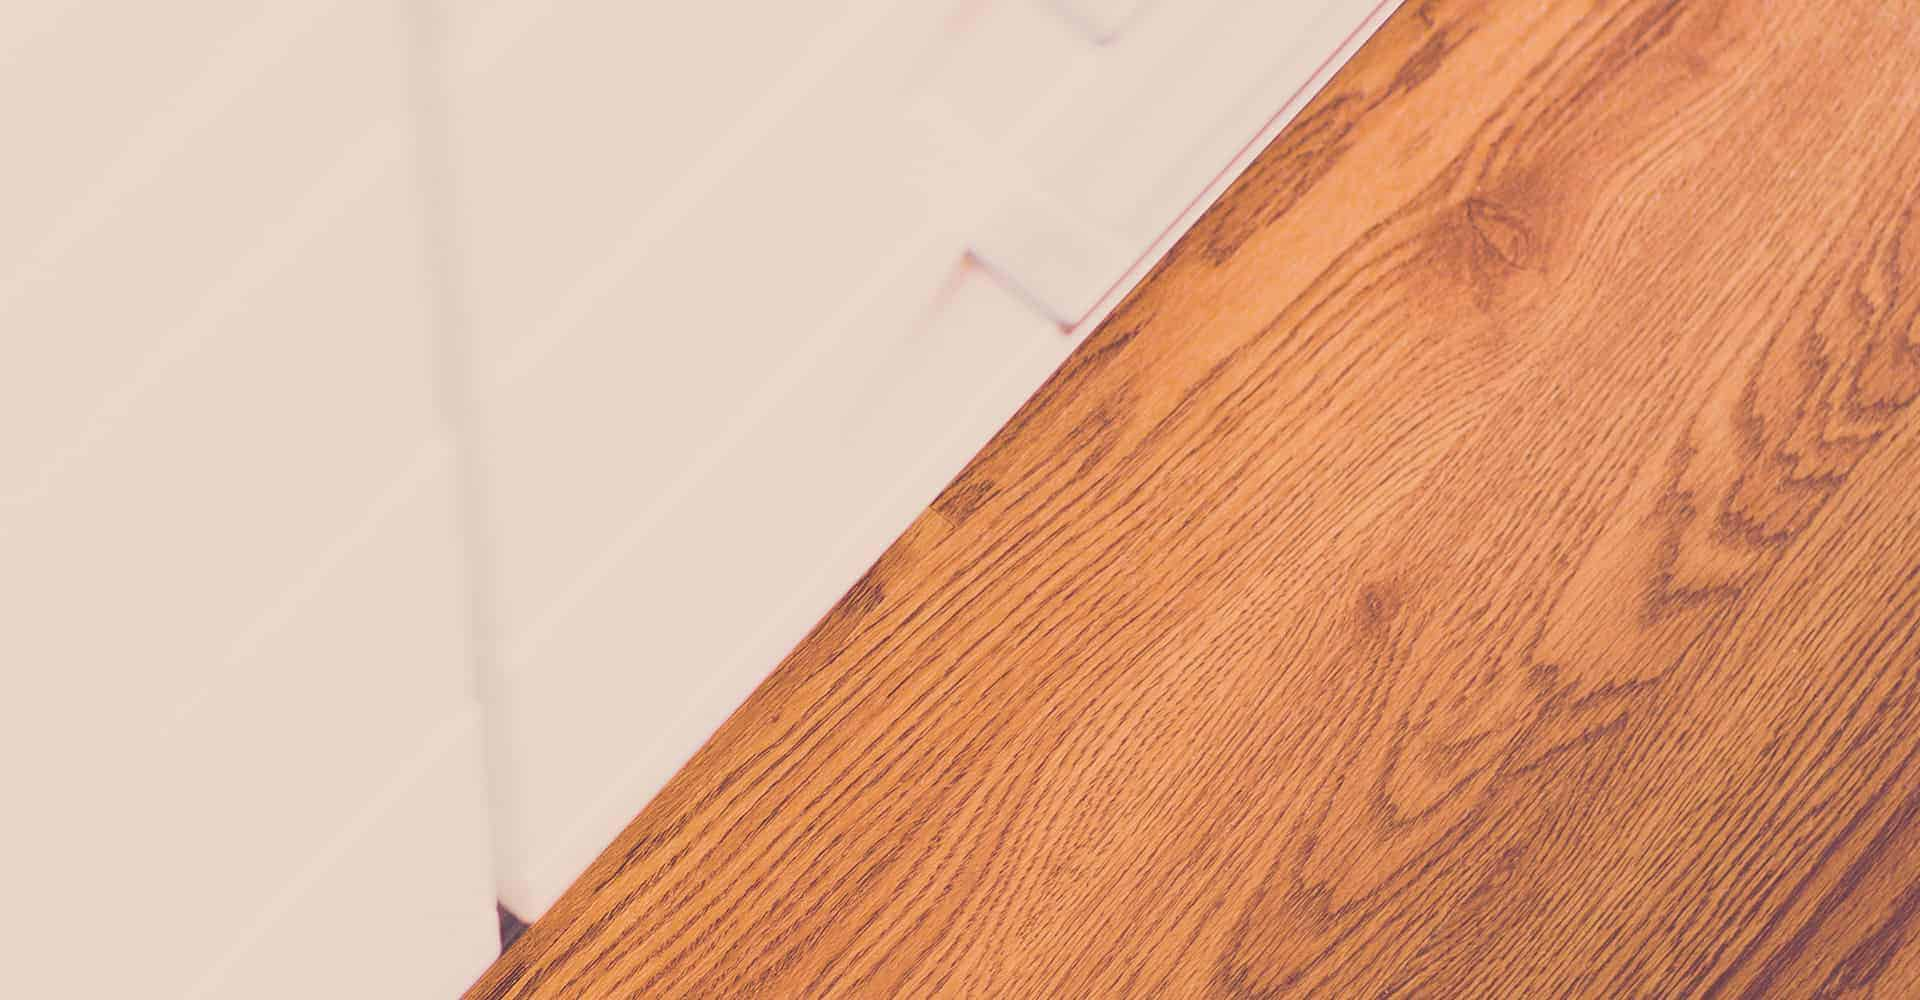 ZAHNARZTPRAXIS PÖNISCH DRESDEN | Dr. med. dent. Roman Pönisch | Seit September 2013 befindet sich die Zahnarztpraxis Pönisch am neuen Standort in Dresden, am Schnittpunkt zwischen Gorbitz, Altfranken und Gompitz. Der Neubau ermöglichte es, bisherige Materialien grundlegend zu überdenken. So war es den praktizierenden Ärzten äußerst wichtig, einen Bodenbelag zu wählen, welcher strapazierfähig und leicht zu pflegen ist und sich harmonisch in das Design der Räumlichkeiten integrieren lässt.